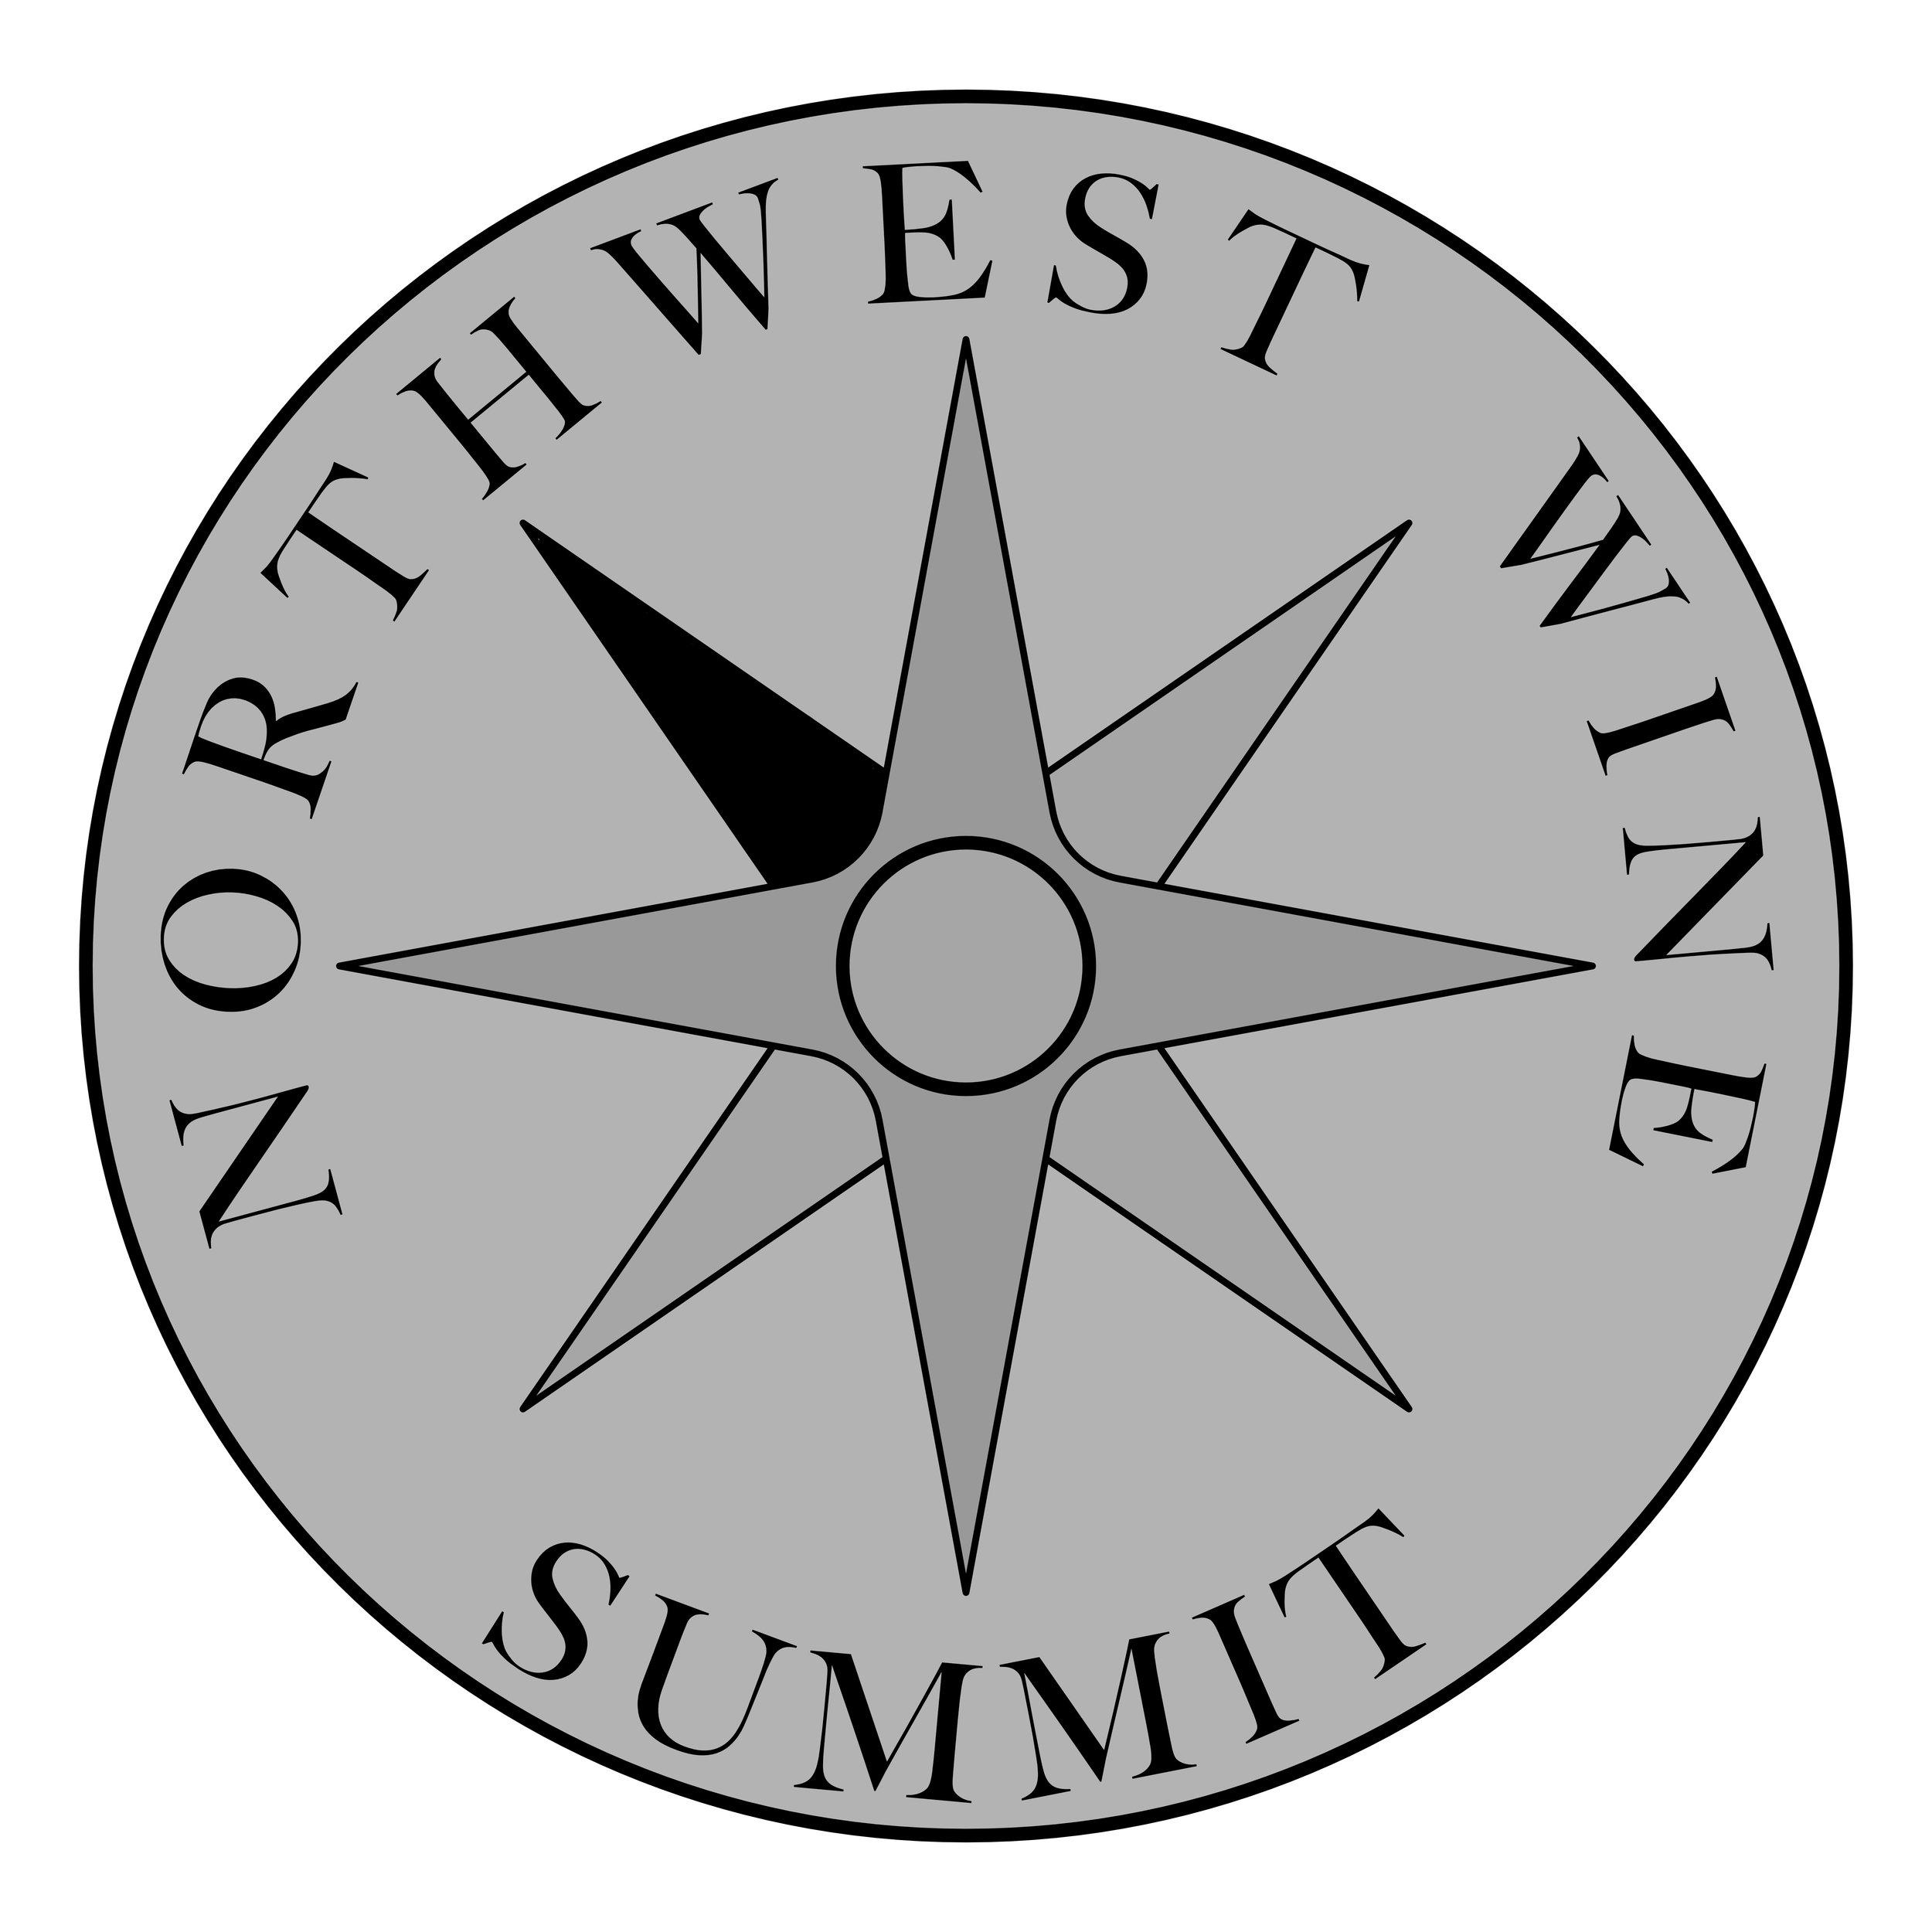 SILVER MEDAL - Northwest Wine Summit 2018